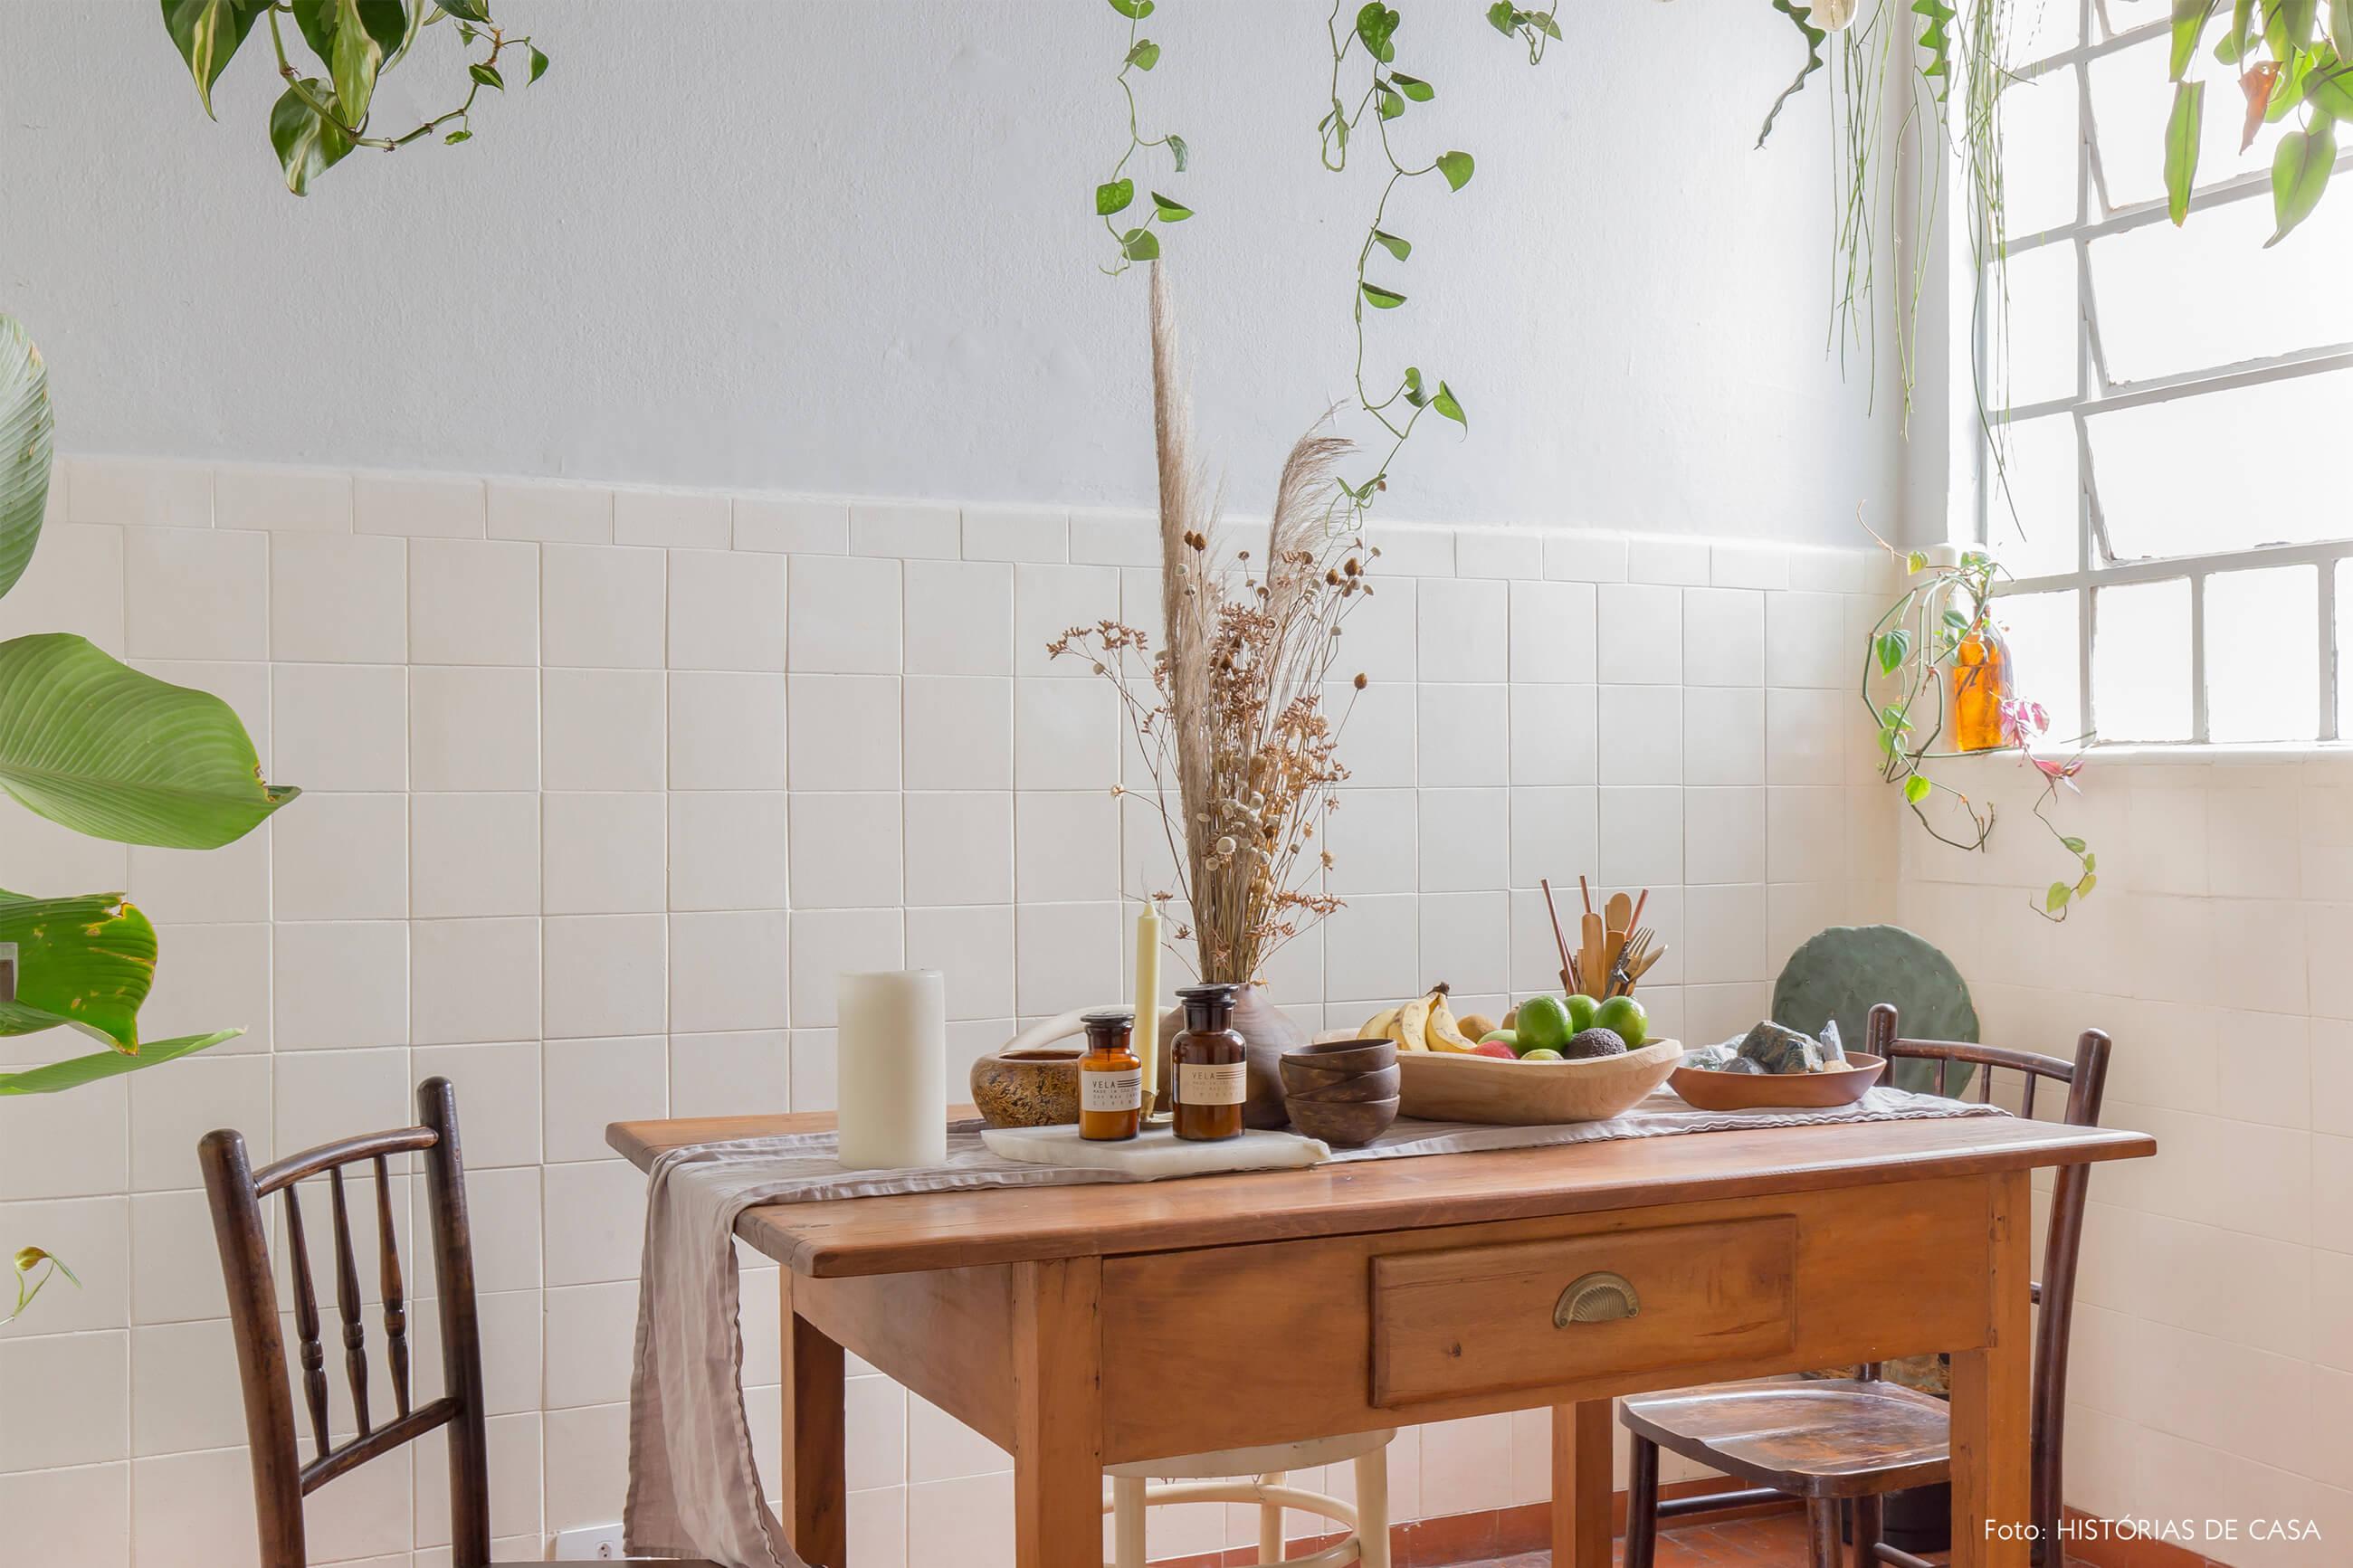 sala de jantar com cadeiras e mesa de madeira e plantas